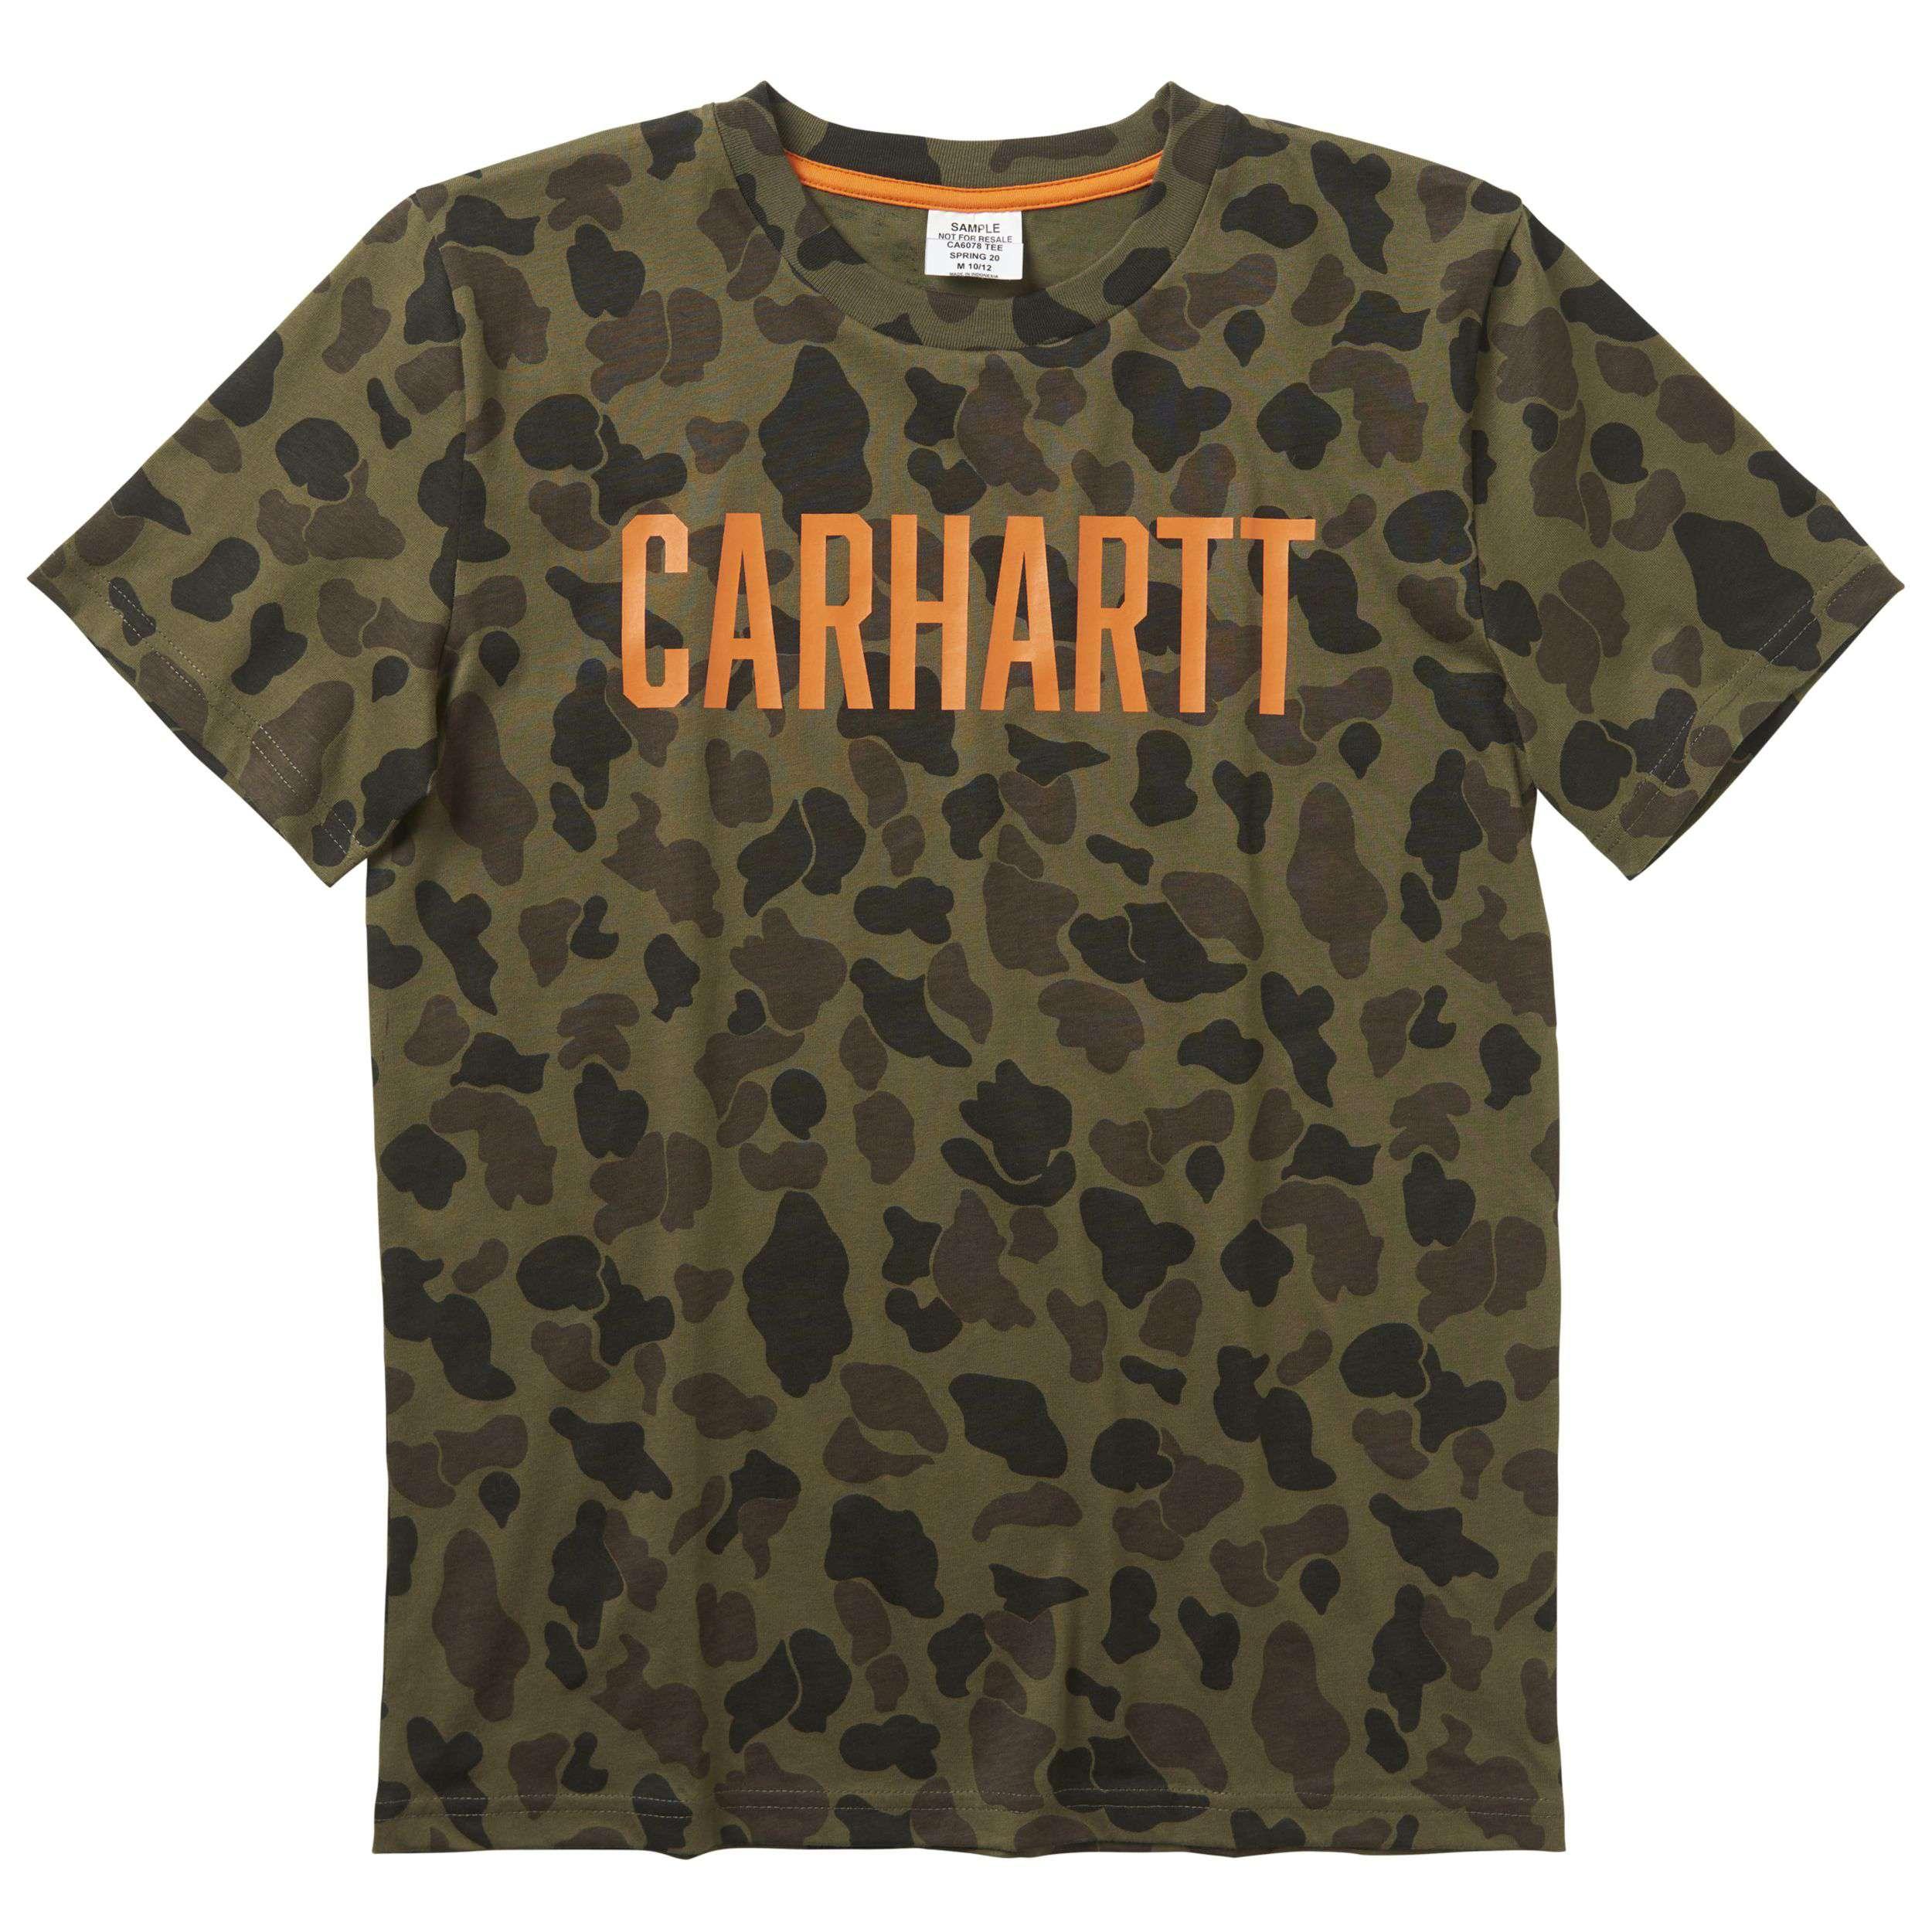 Carhartt Camo Tee